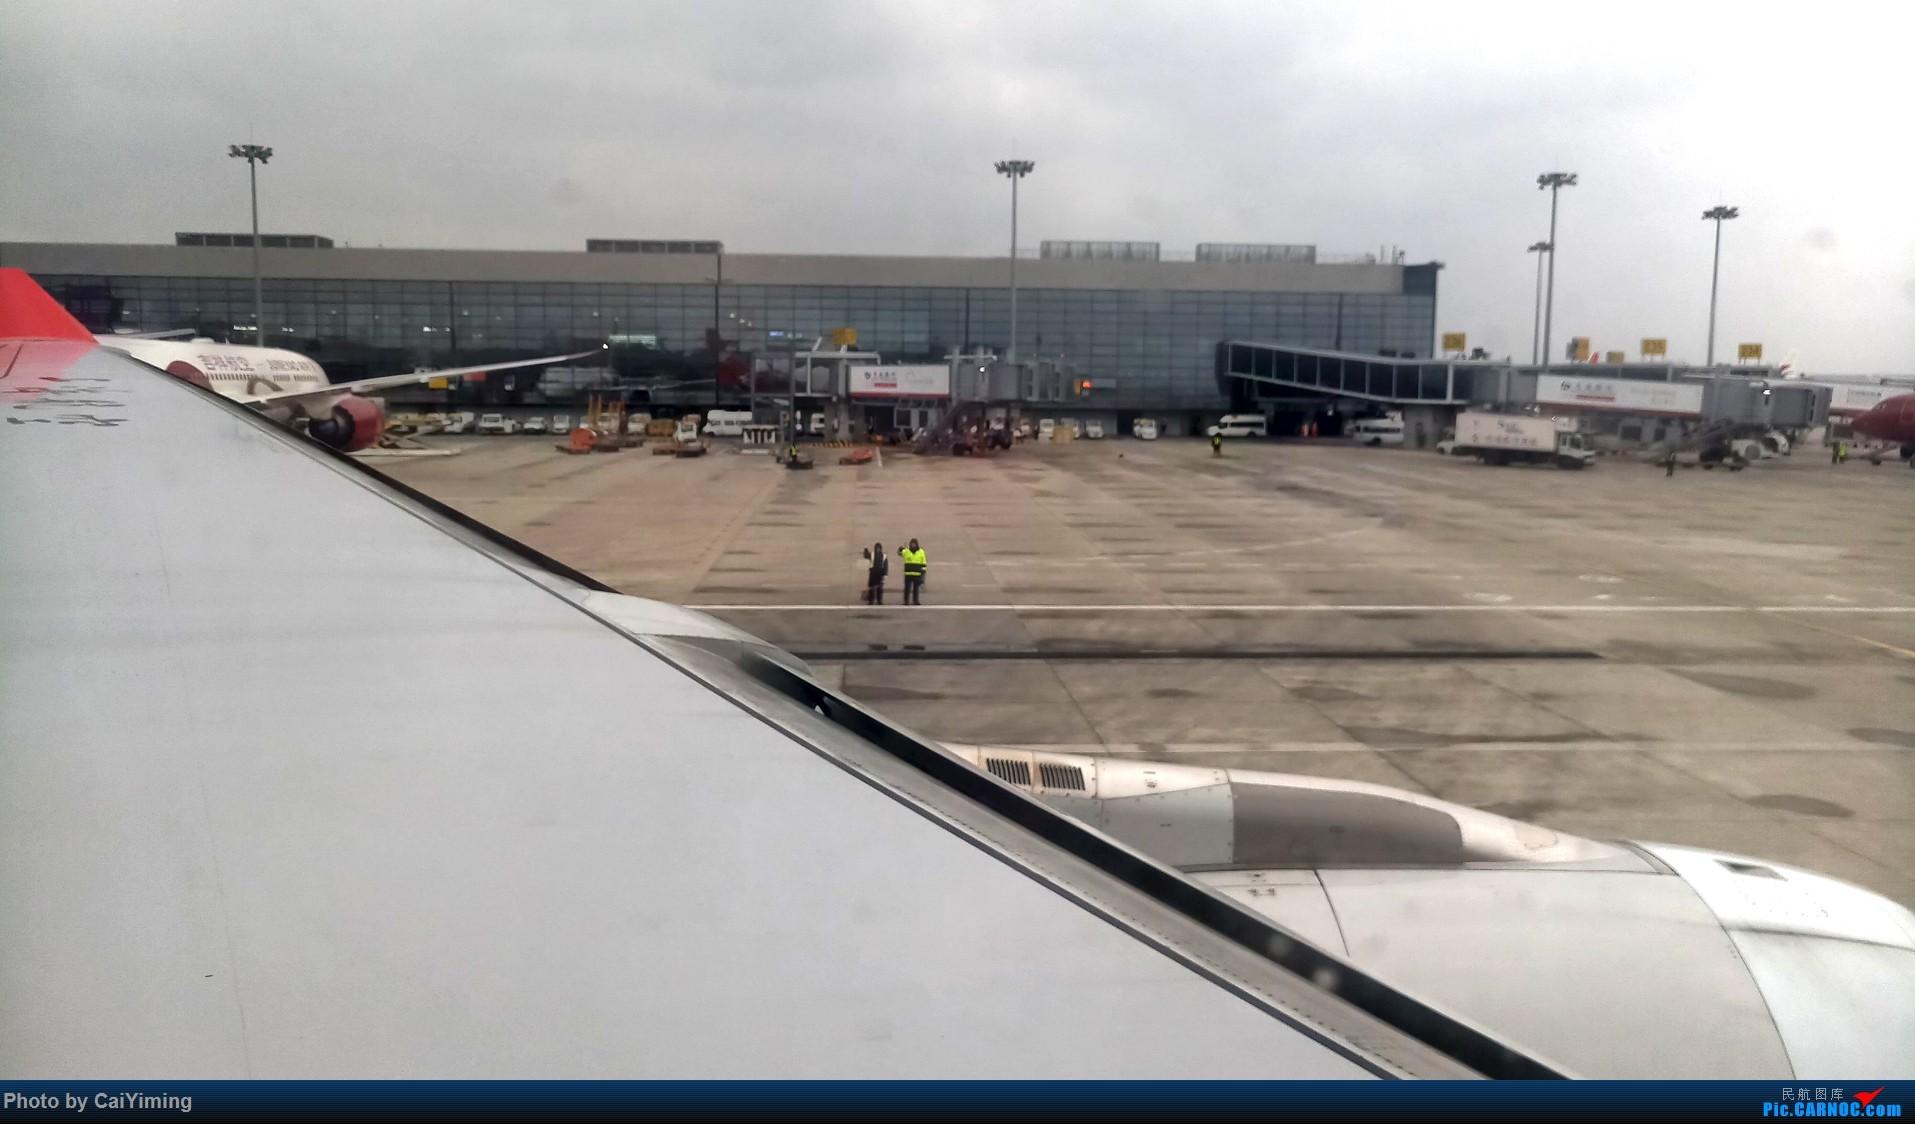 Re:[原创]【人在旅途】成都-浦东-虹桥-西安-南通-成都(3U+MU空客A359体验) AIRBUS A330-200 B-5931 中国上海虹桥国际机场